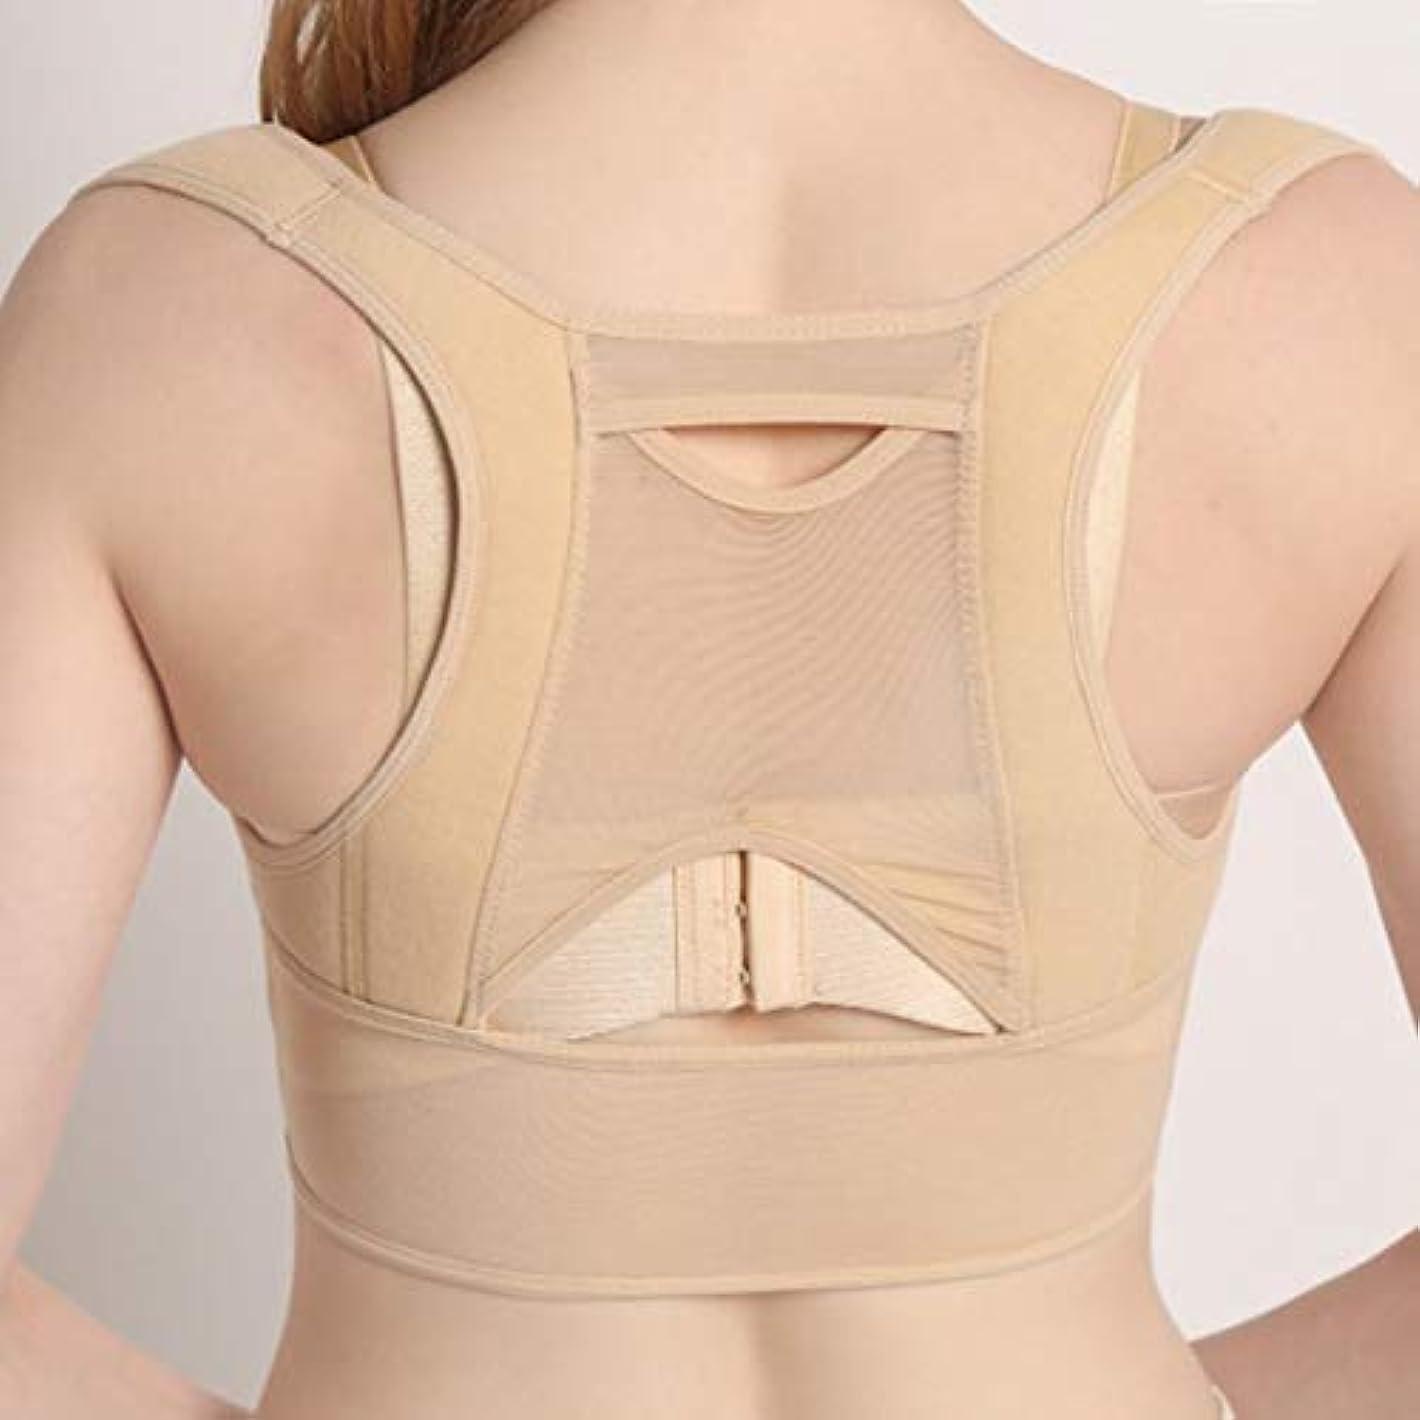 アイデアアルカトラズ島編集する通気性のある女性の背中の姿勢矯正コルセット整形外科の肩の背骨の姿勢矯正腰椎サポート - ベージュホワイトM